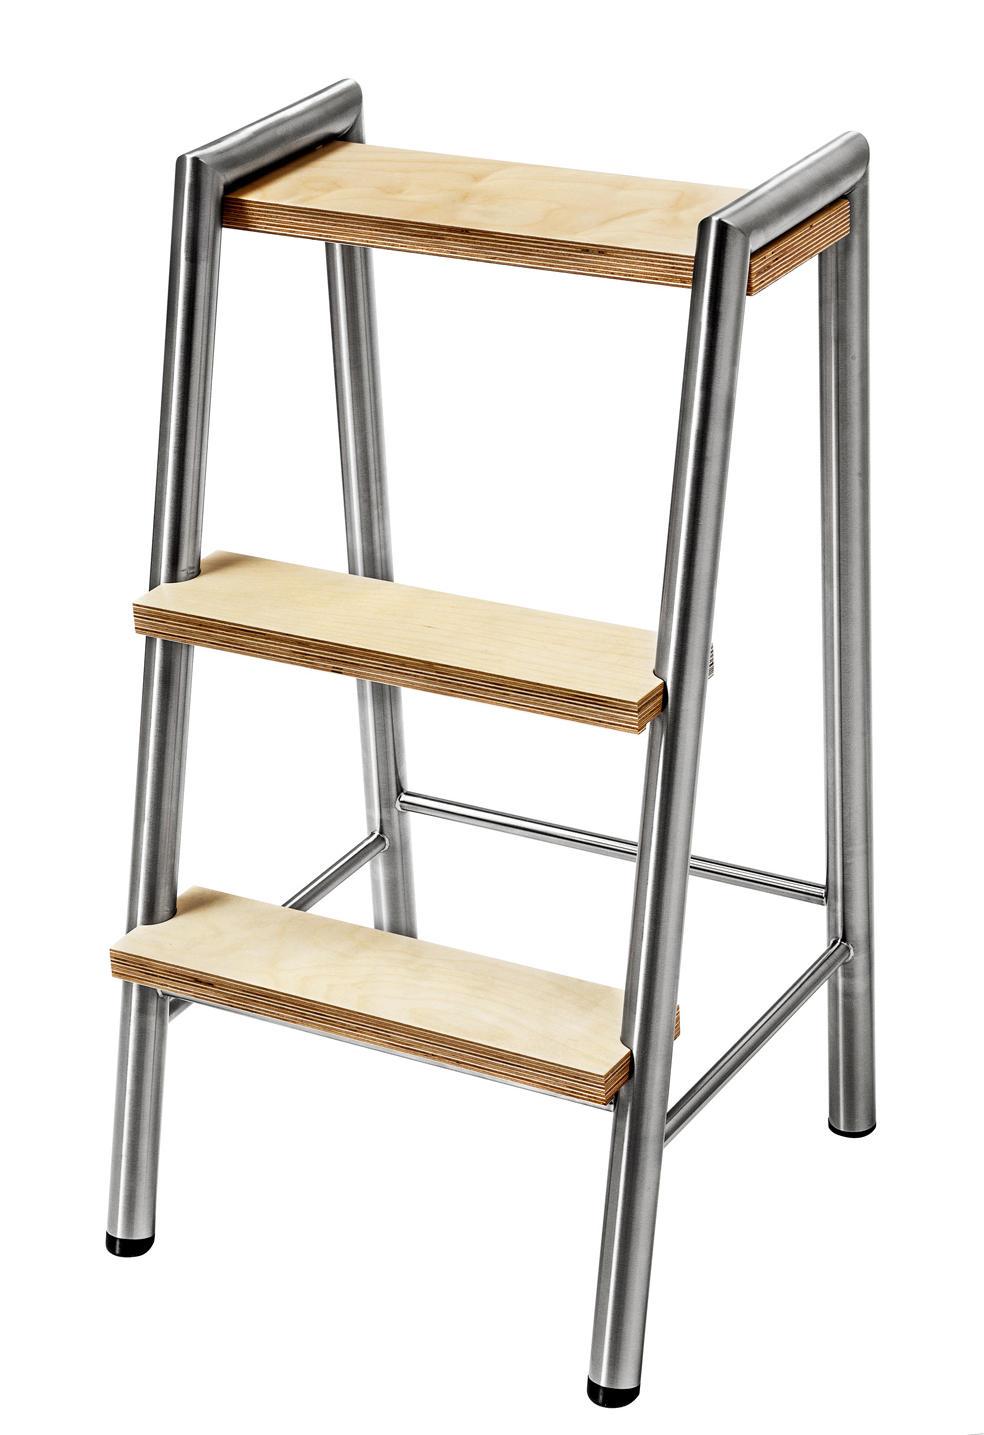 trittleiter edelstahl mit stufen holz trittleiter k che bad bfb gmbh. Black Bedroom Furniture Sets. Home Design Ideas